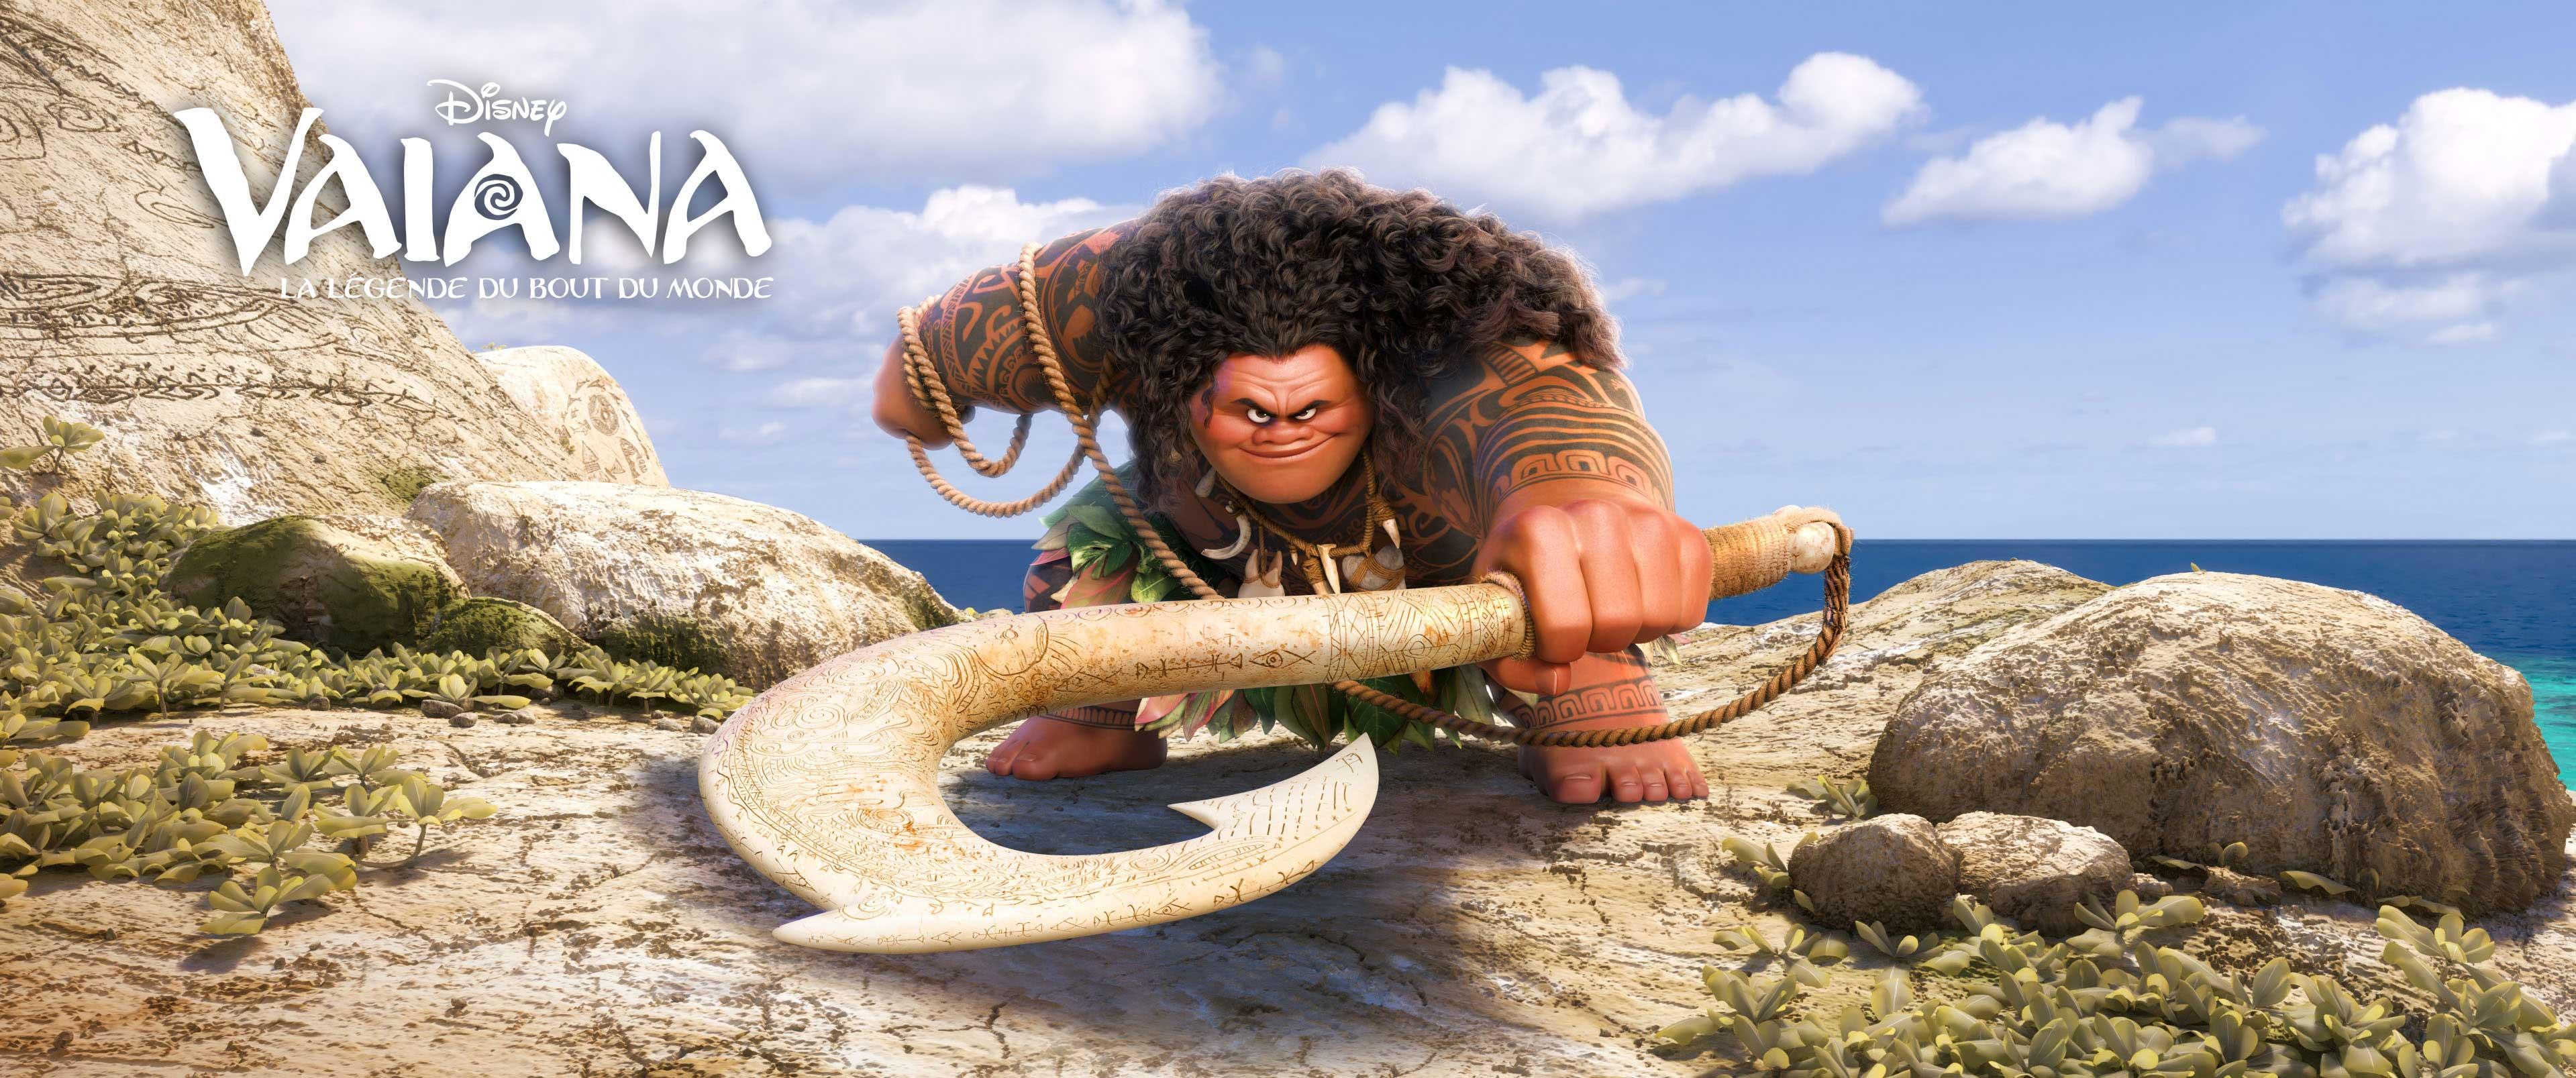 maui character disney personnage vaiana la légende du bout du monde moana